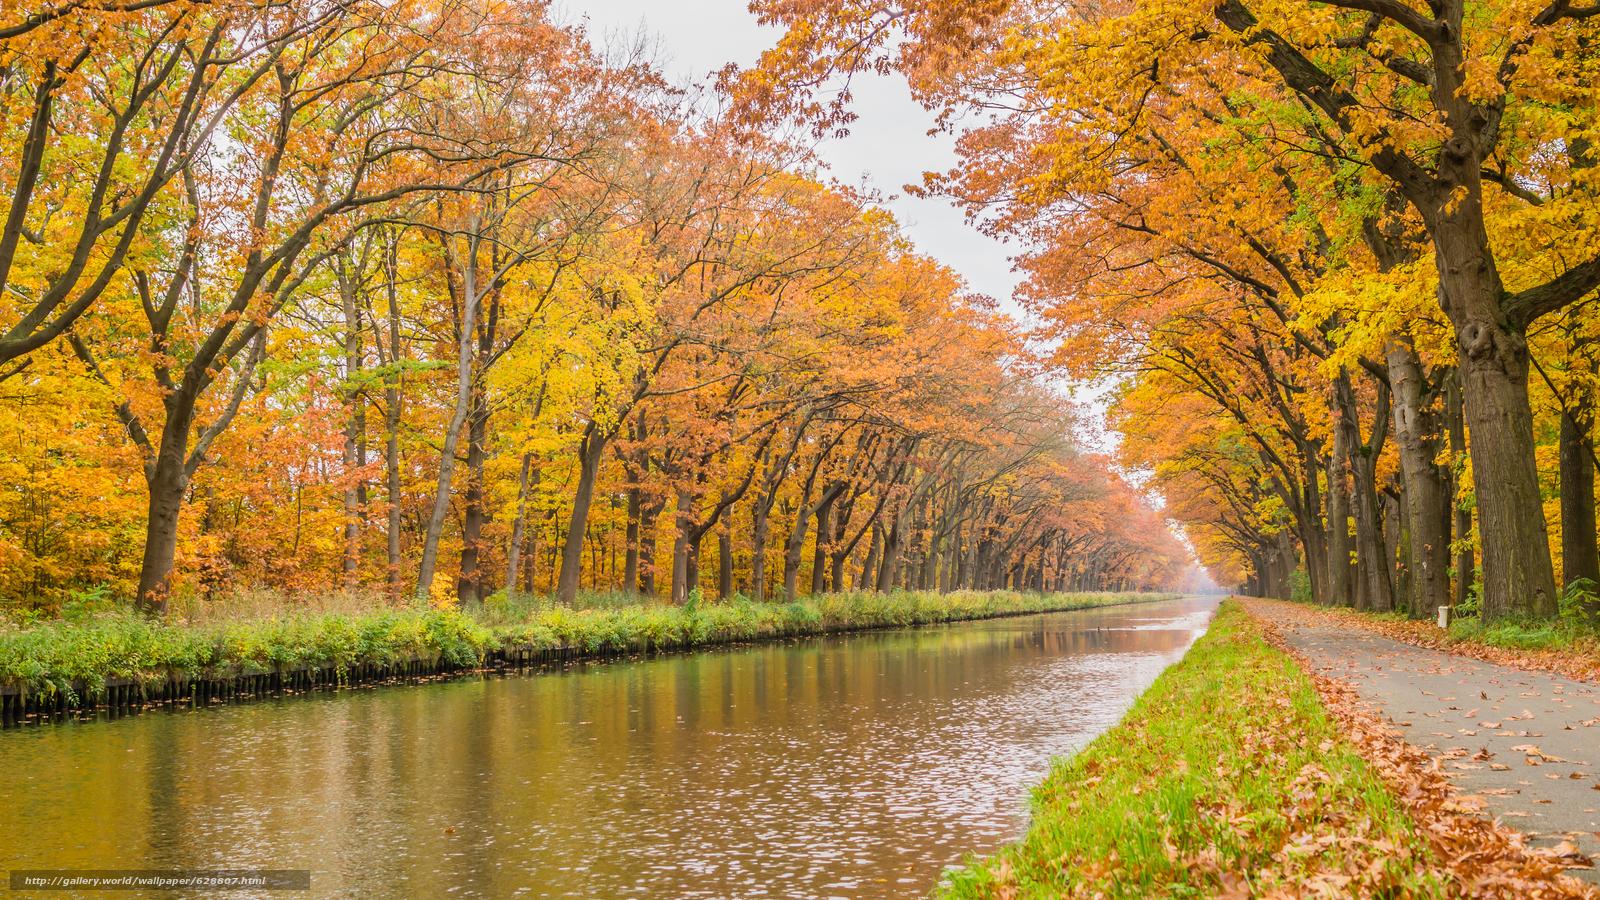 осень, канал, дорога, деревья, пейзаж